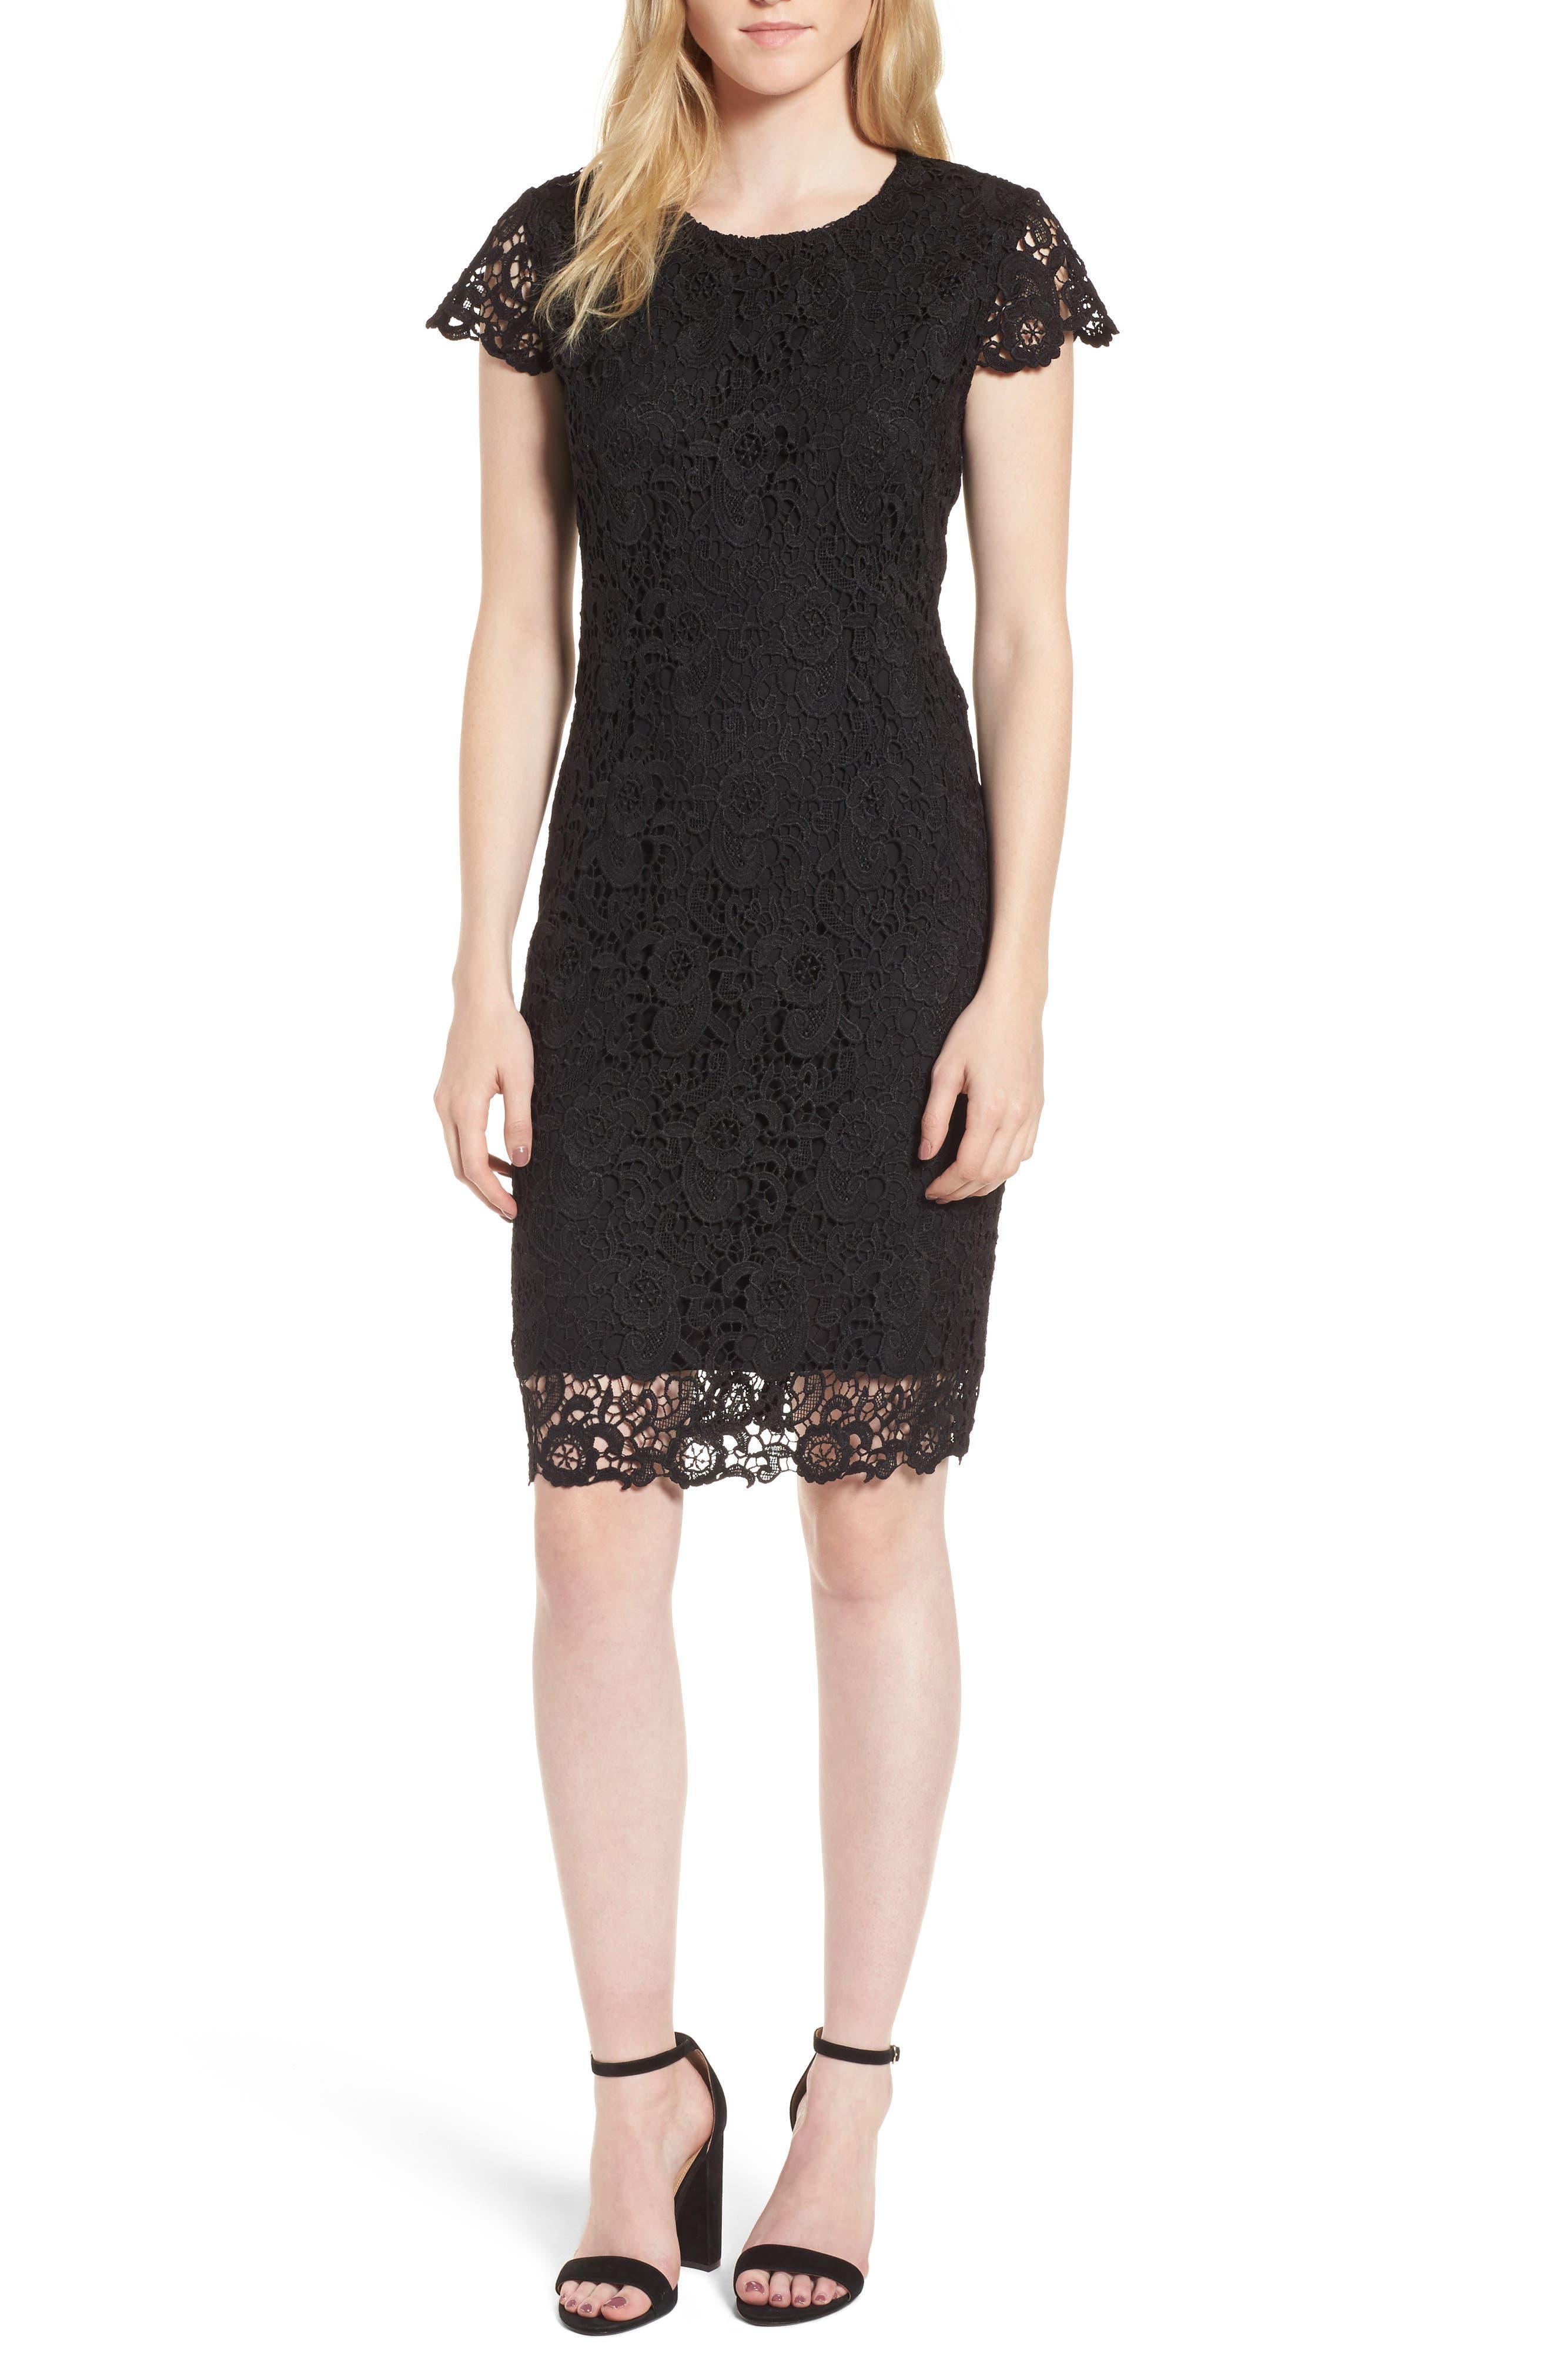 Chesea28 Lace Sheath Dress